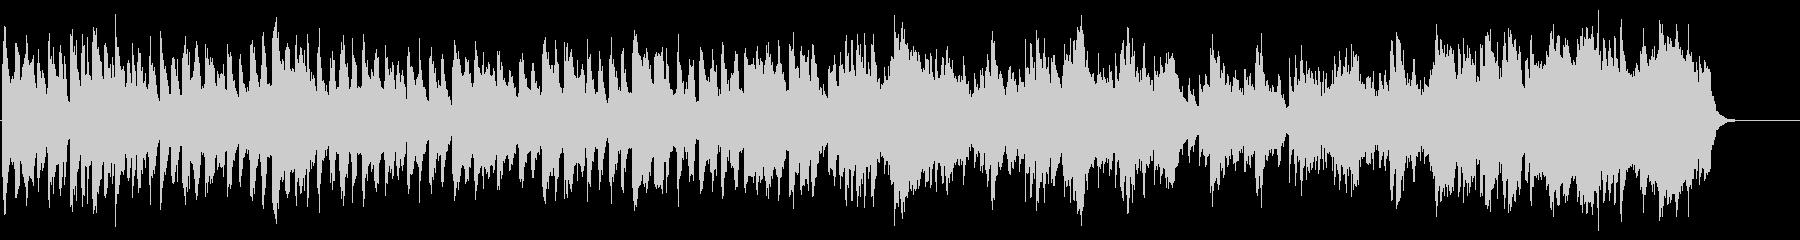 ピアノ、オーボエ、弦楽器のシリアスな曲の未再生の波形